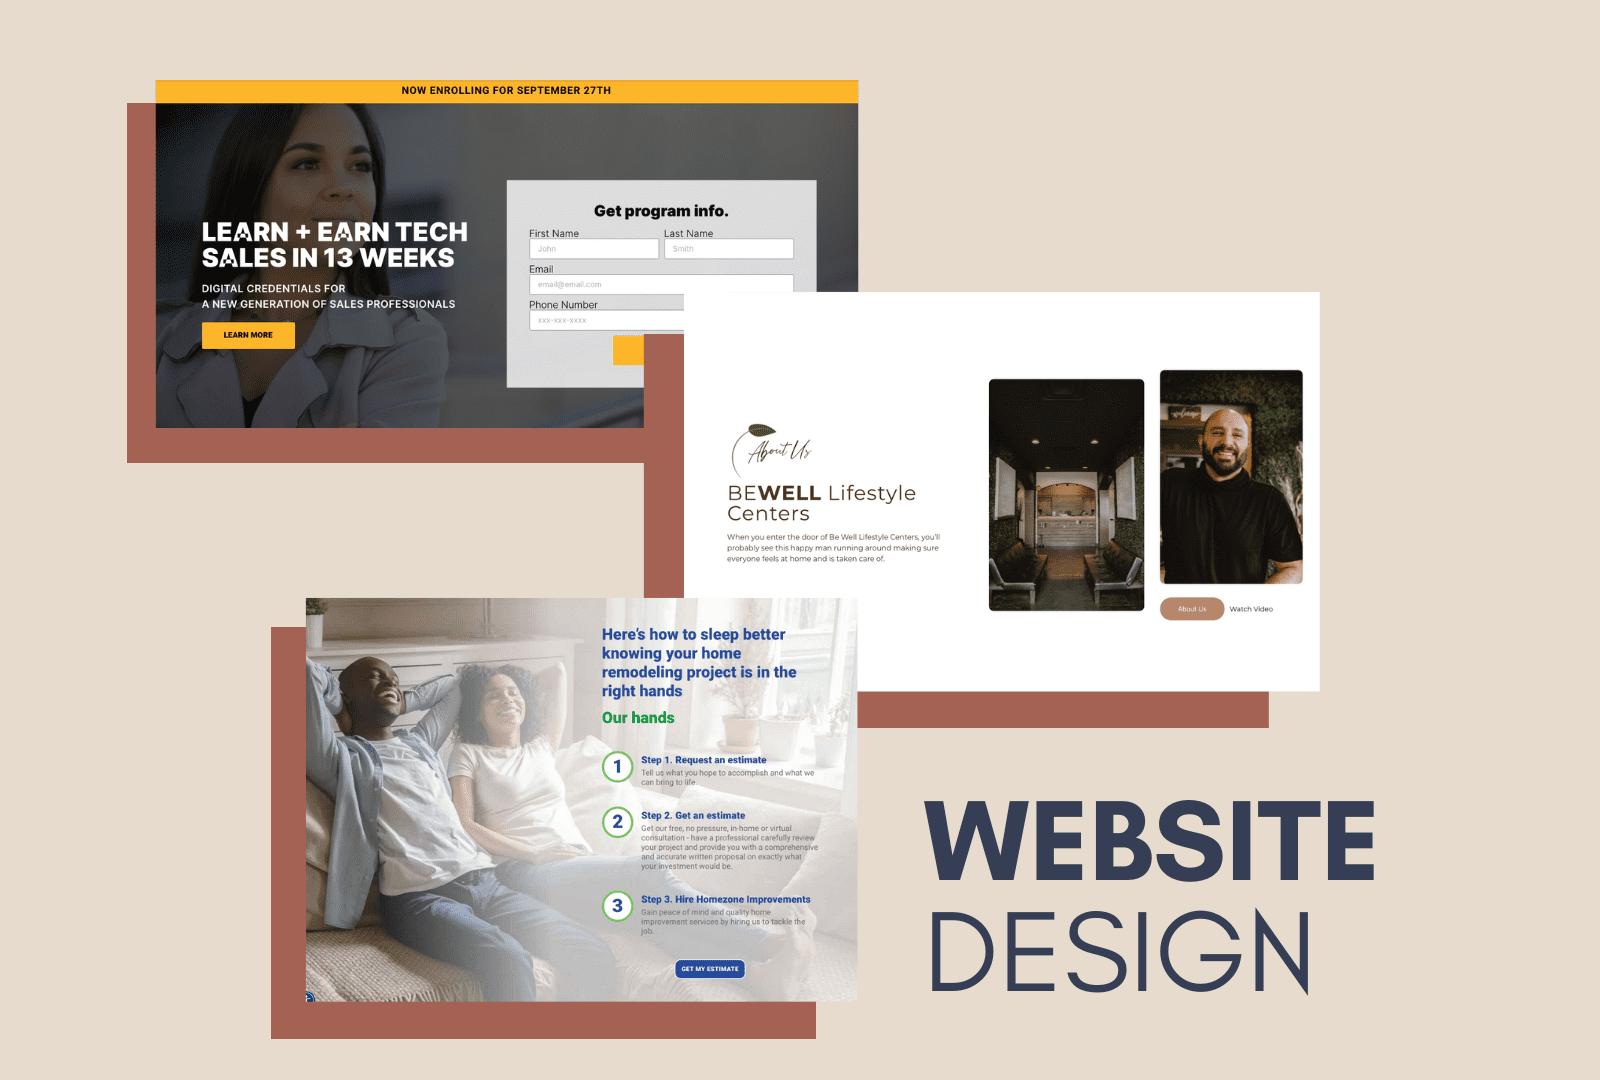 Reference of website design